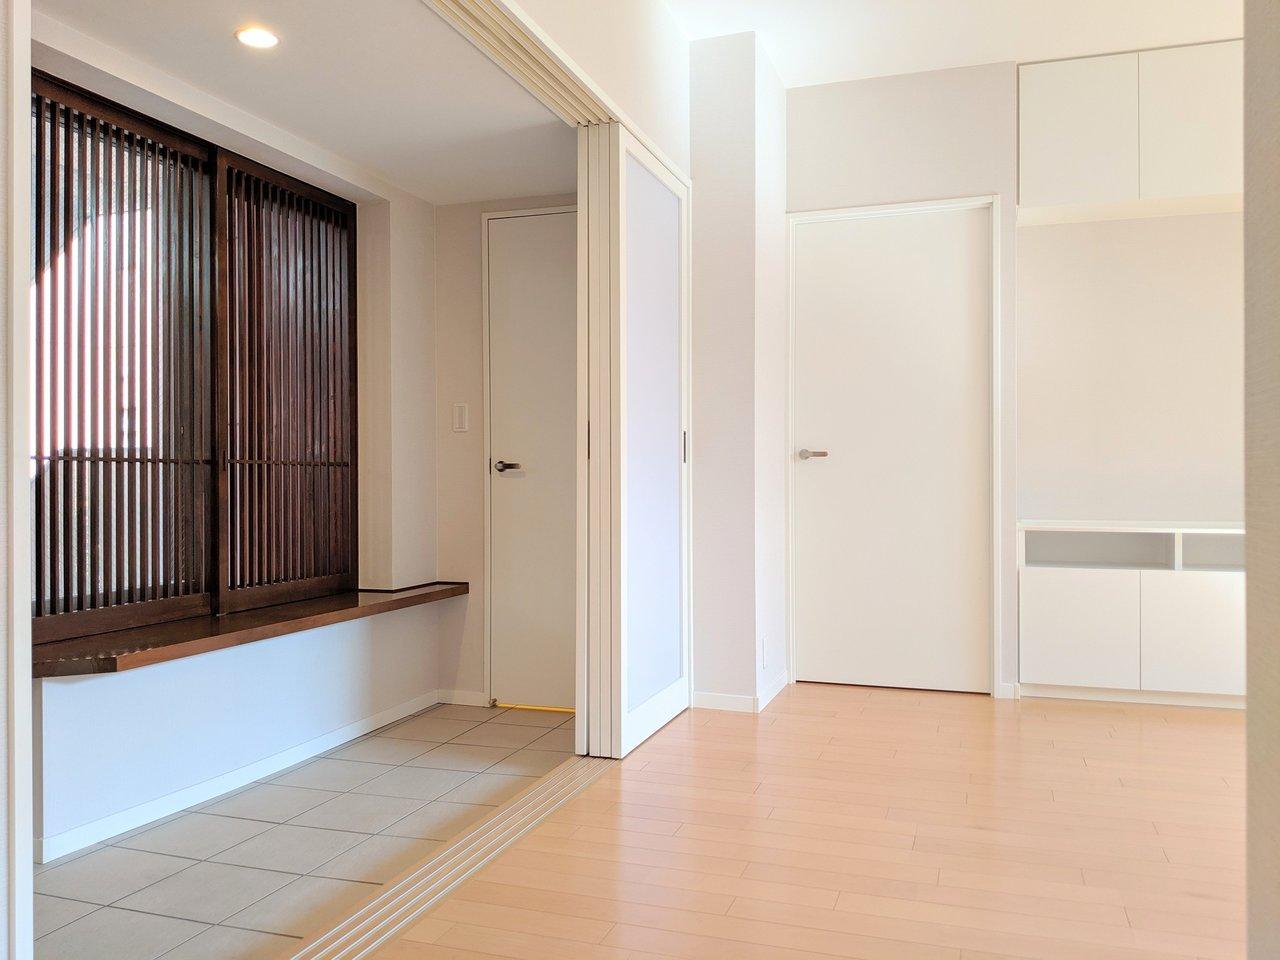 2013年築とまだまだ築浅のこちらのお部屋は、土間が広い!ベビーカーをどん、とリビングに横付けできちゃう便利さです。